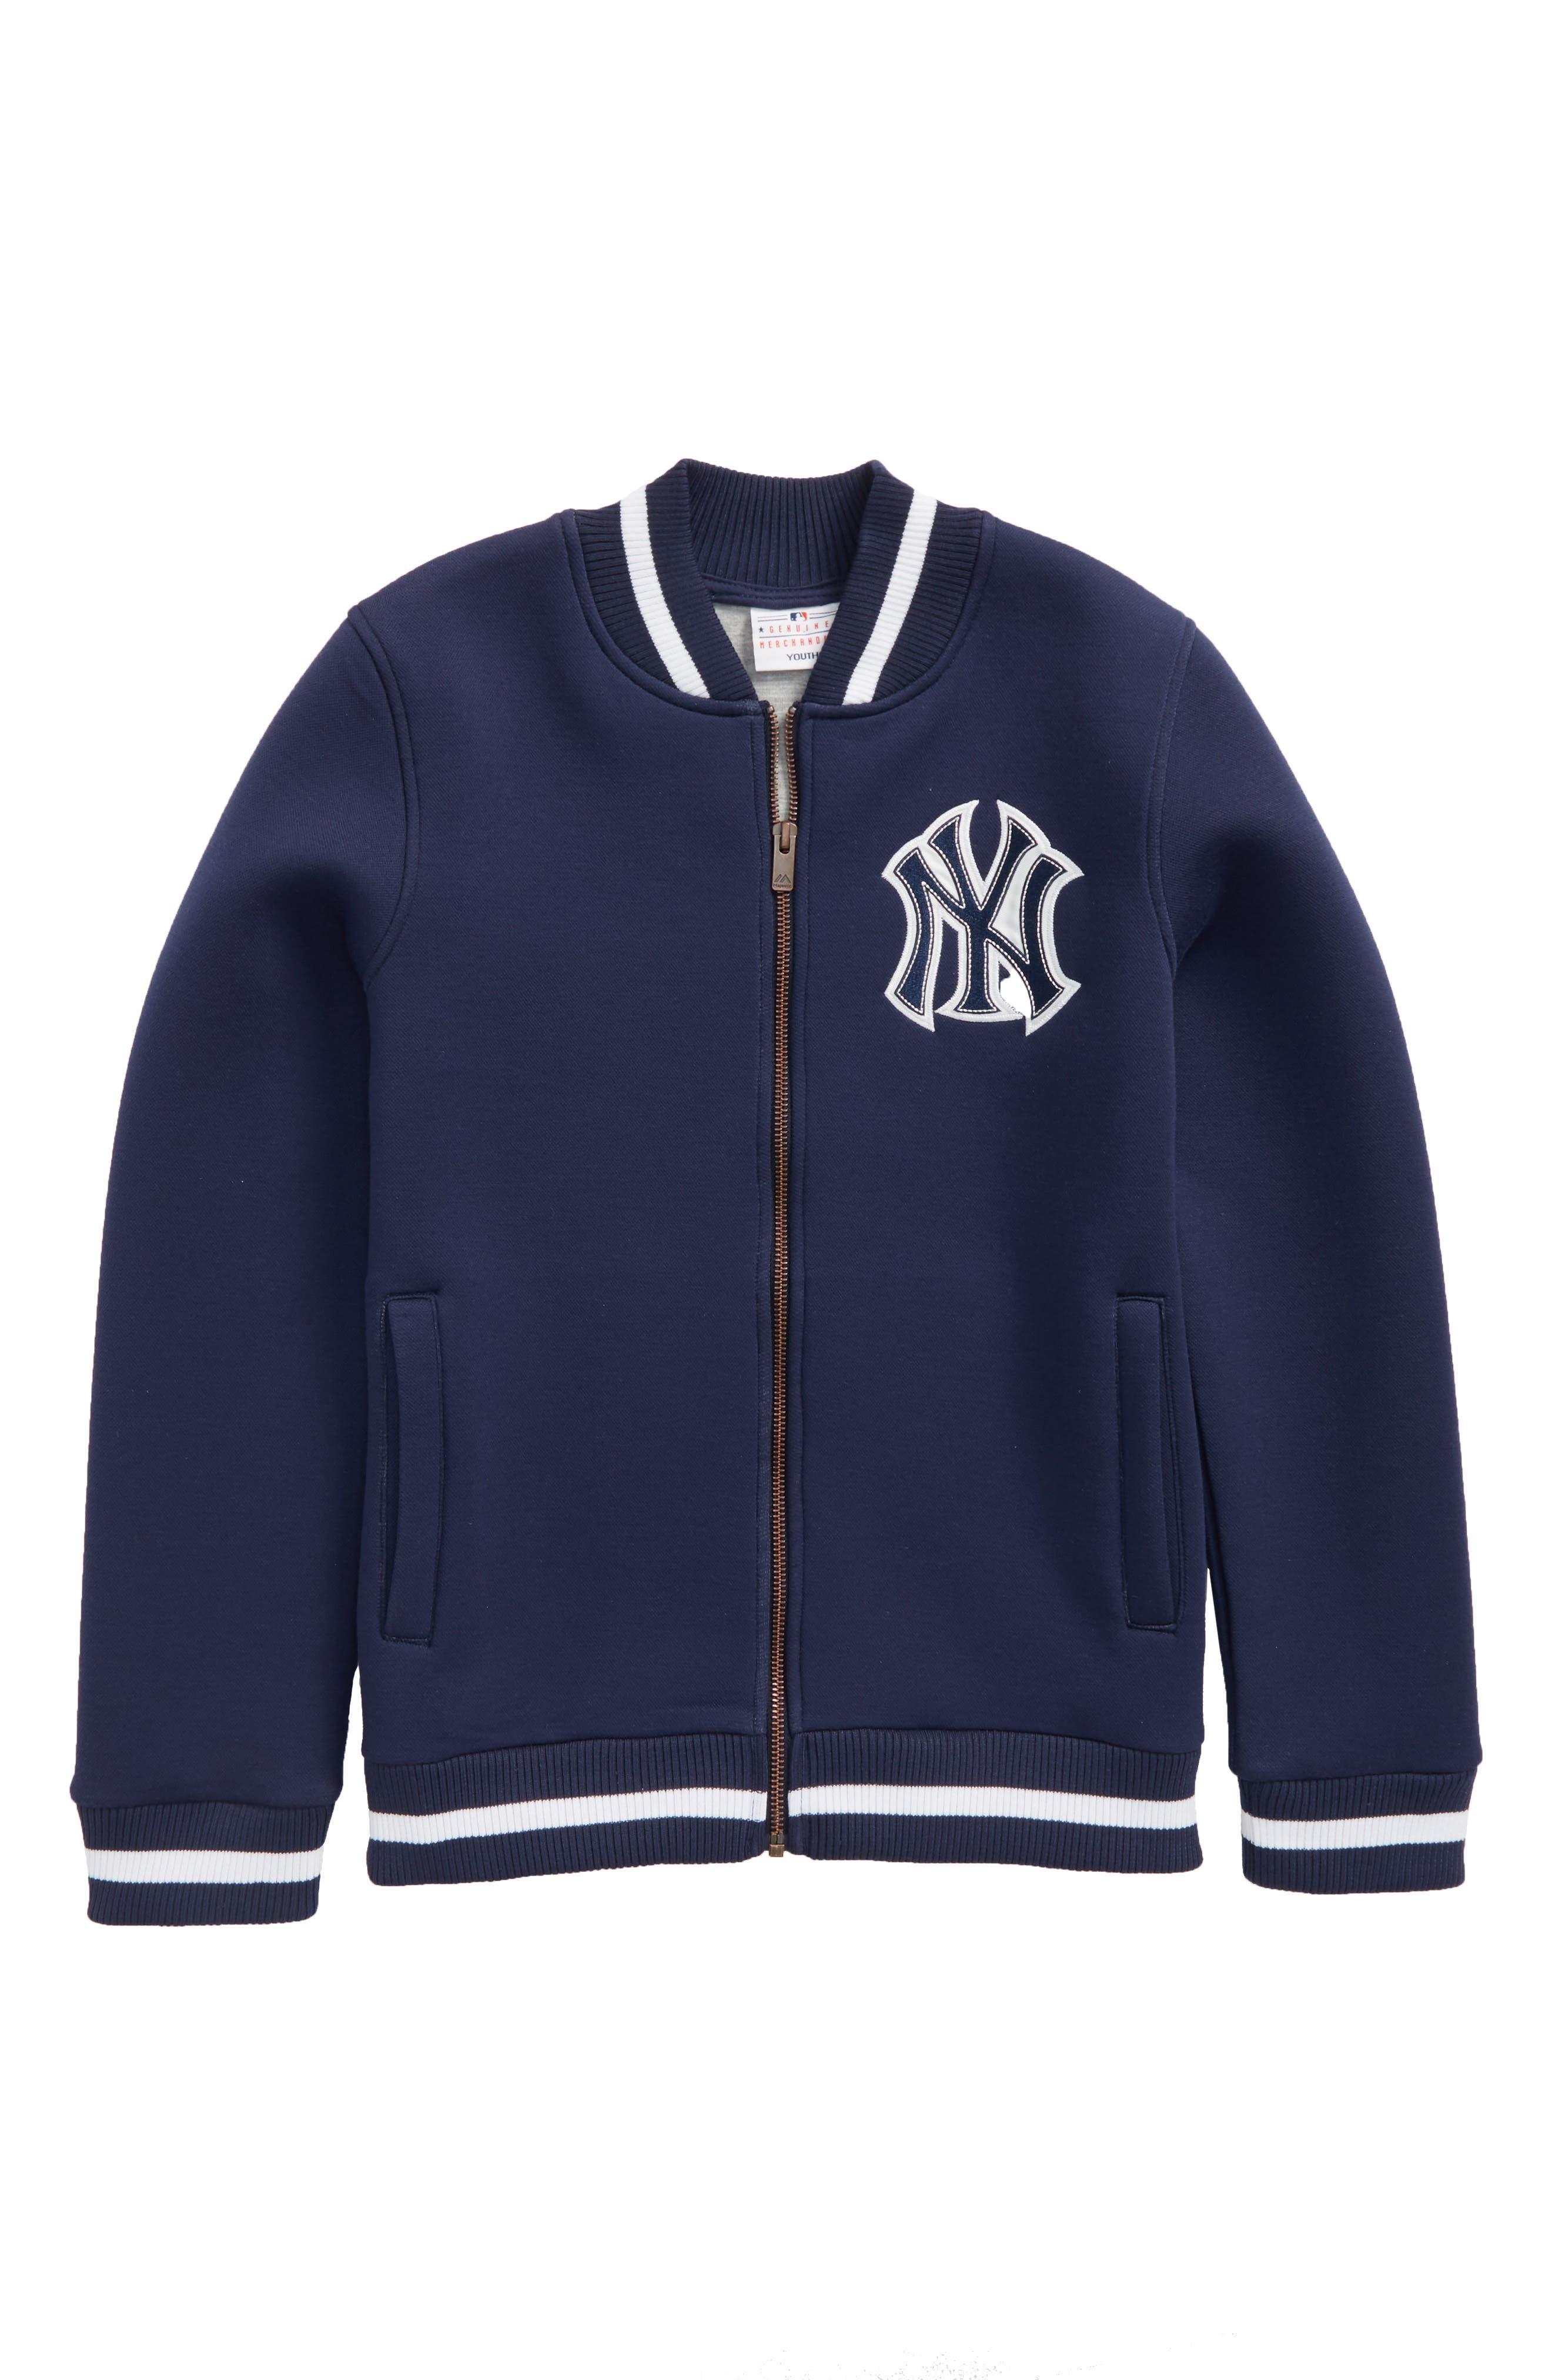 Classical New York Yankees Knit Varsity Jacket,                             Main thumbnail 1, color,